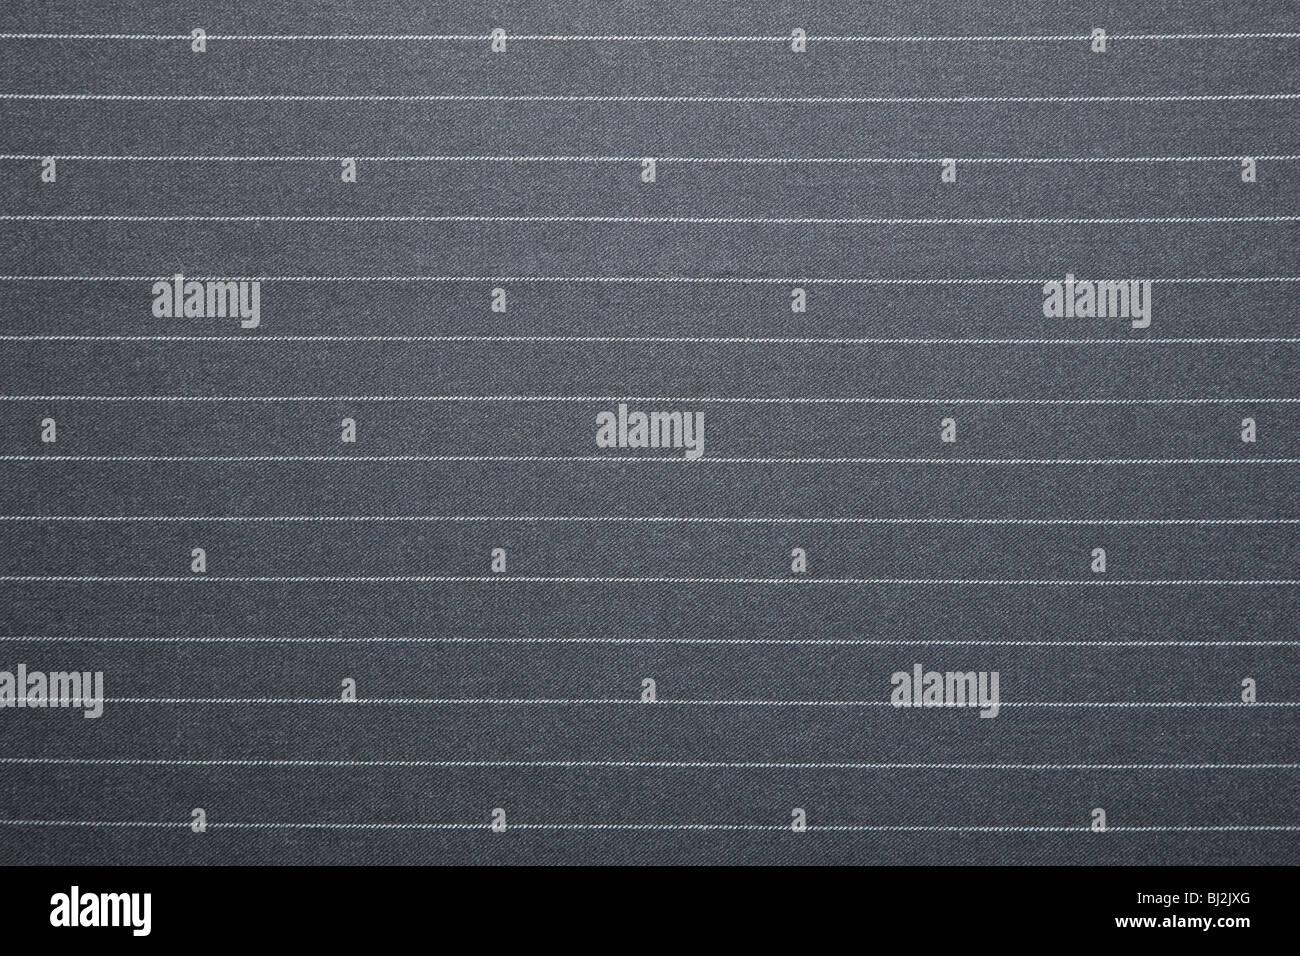 Qualitativ hochwertige Nadelstreifen Anzug Hintergrundtextur Stockbild